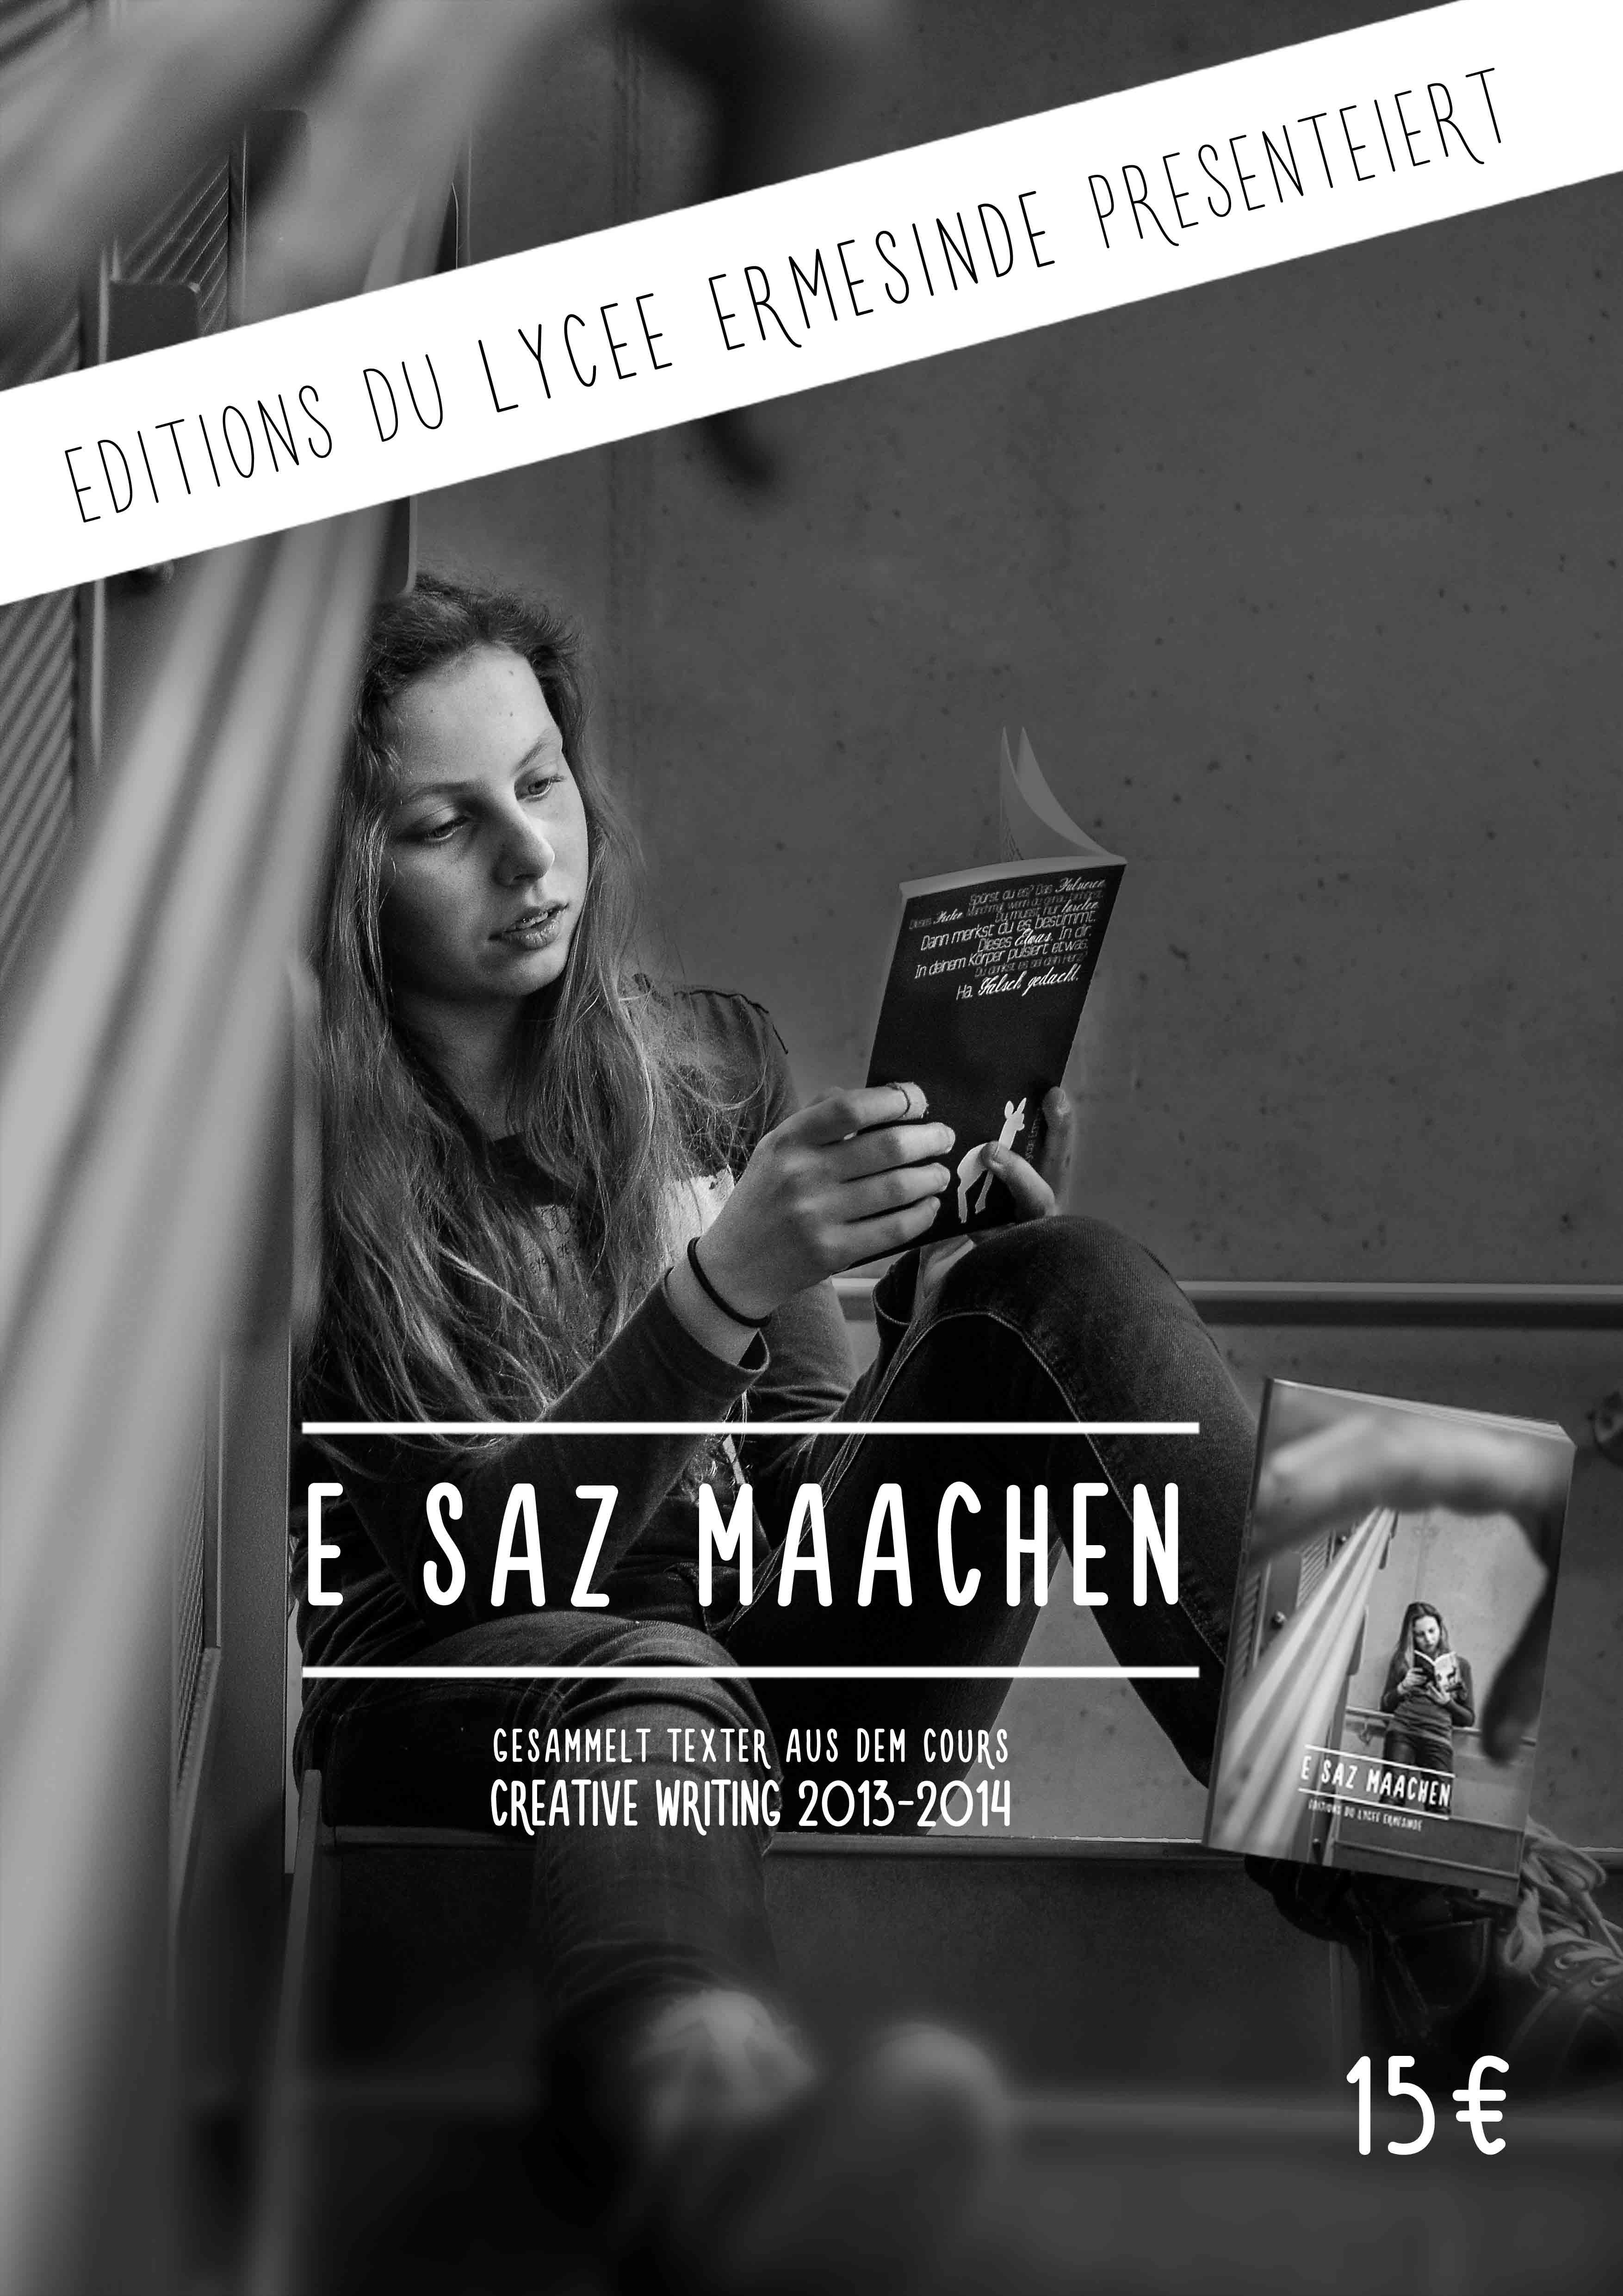 2015_poster_E_saz_maachen_15€_high.jpg